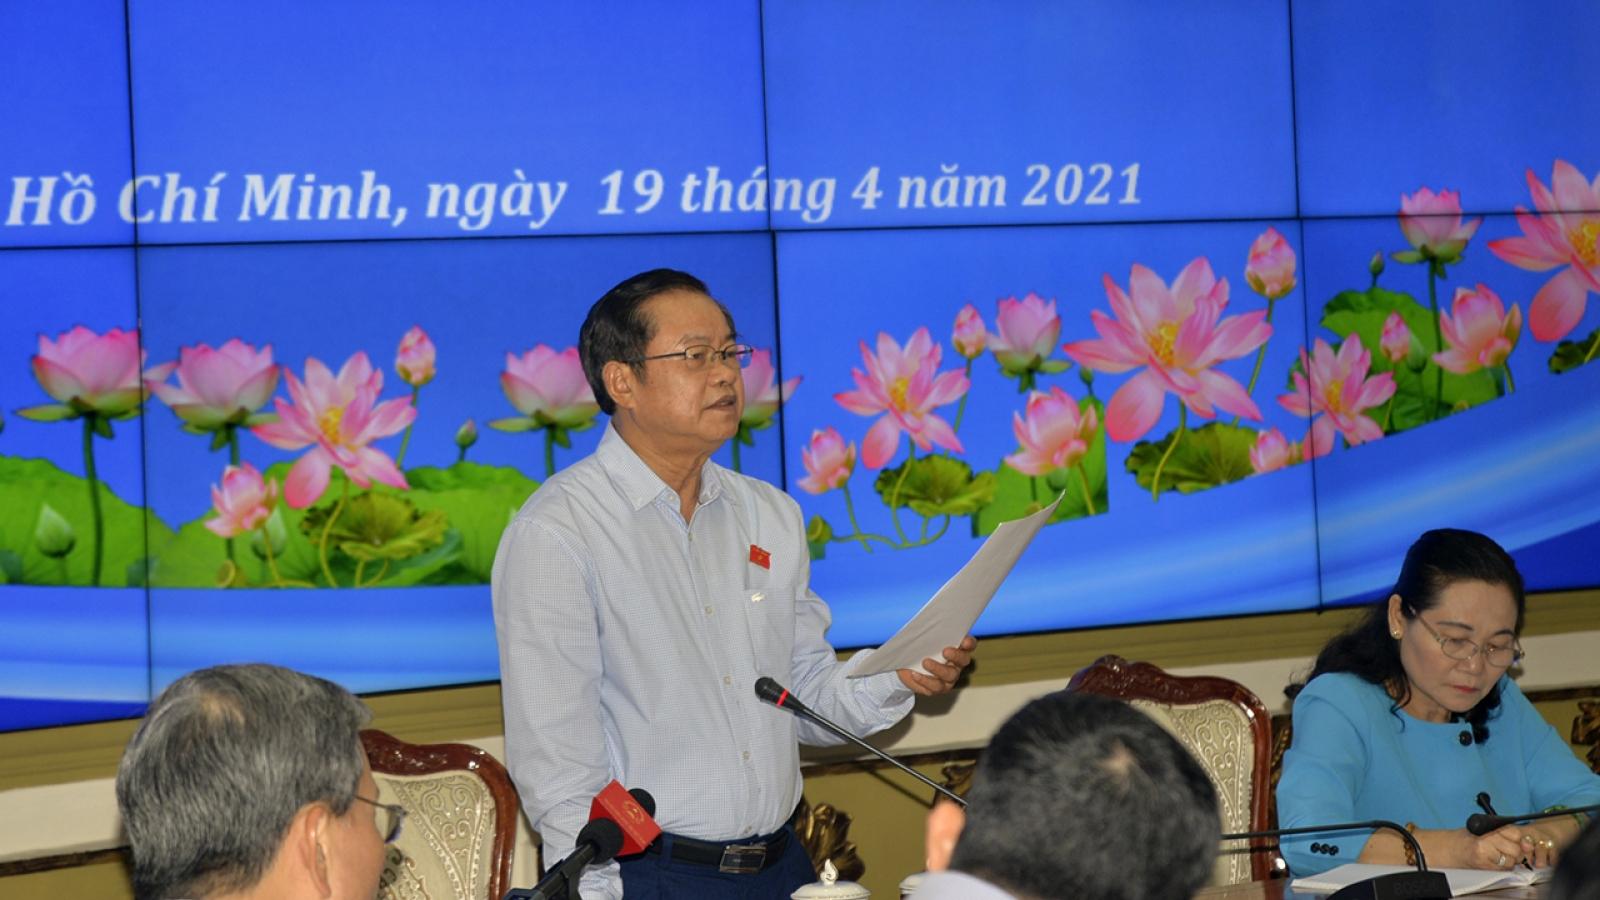 Phó Chủ tịch Quốc hội: Tuyệt đối không để dịch Covid-19 làm ảnh hưởng đến bầu cử